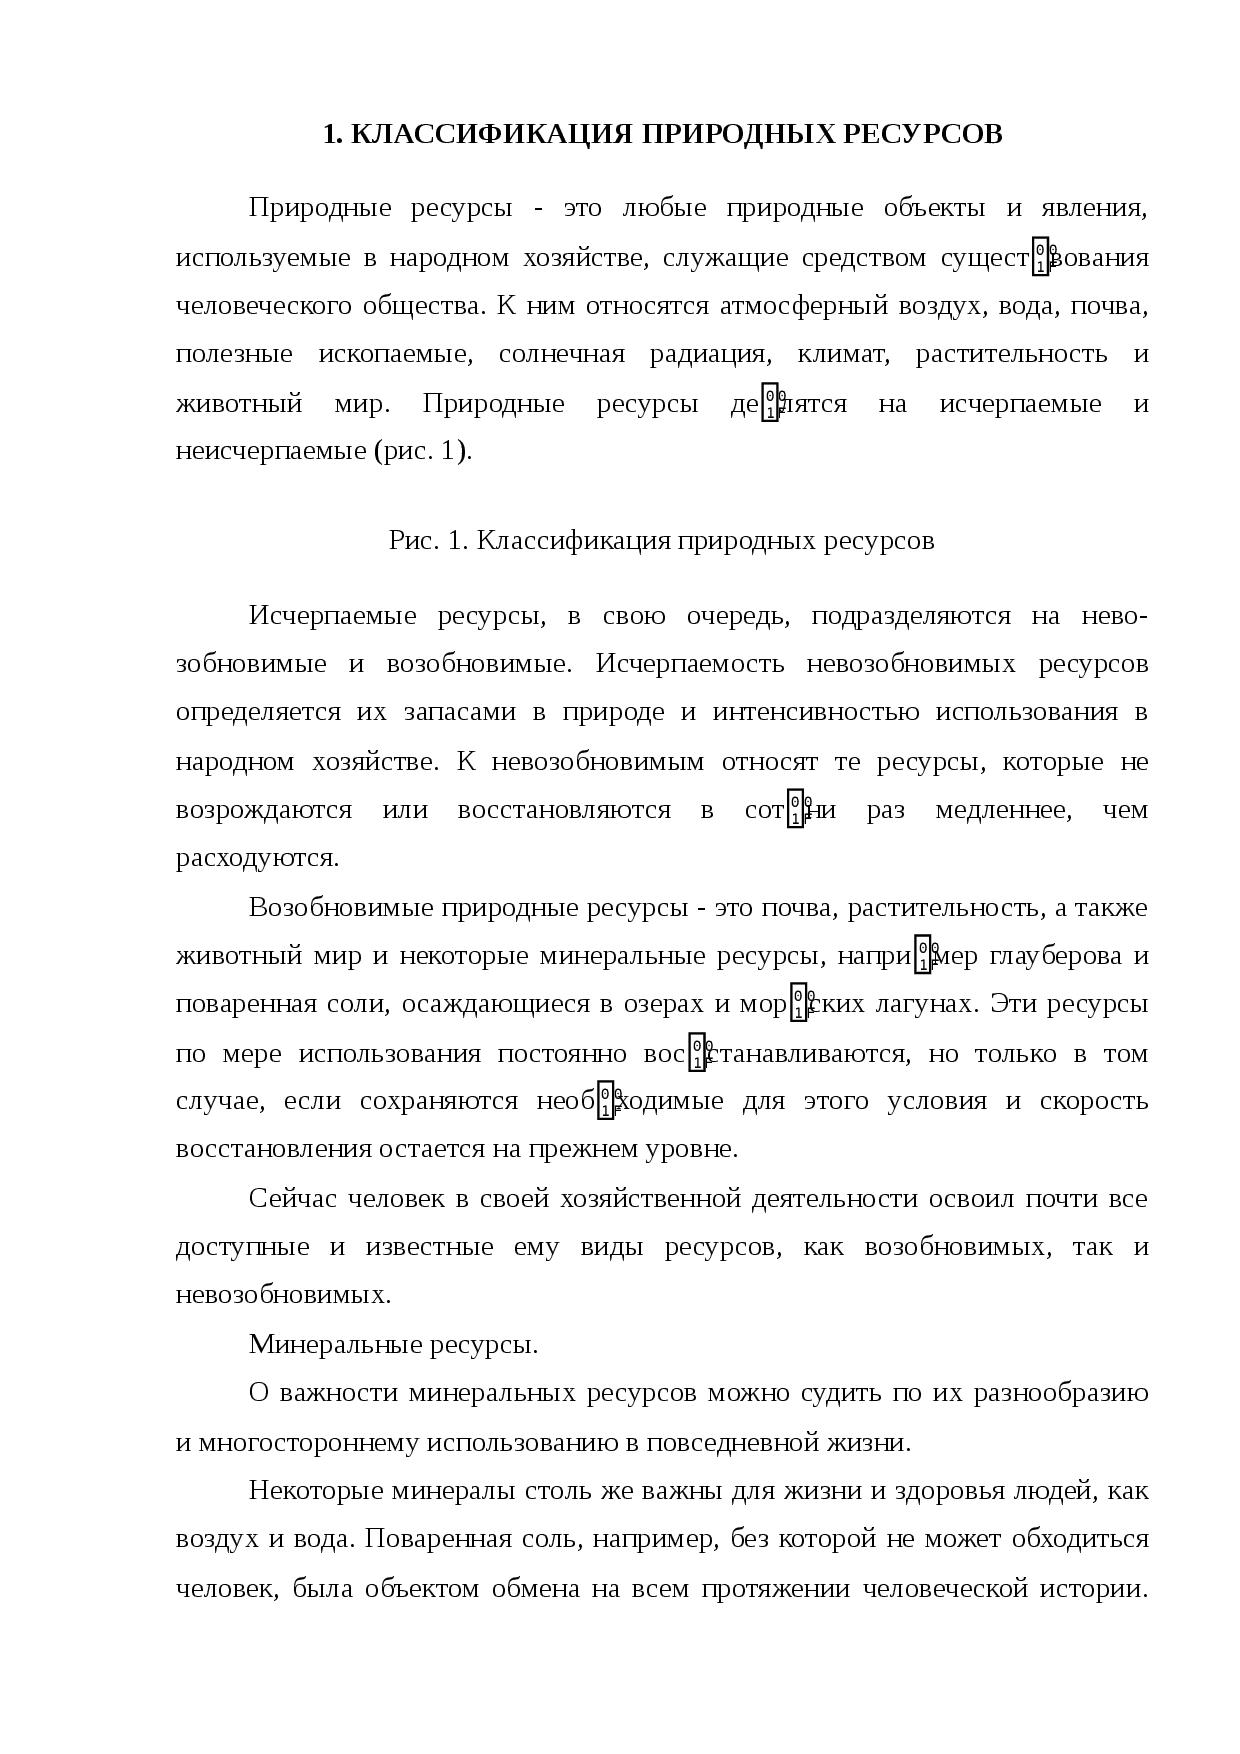 богата ли россия природными ресурсами